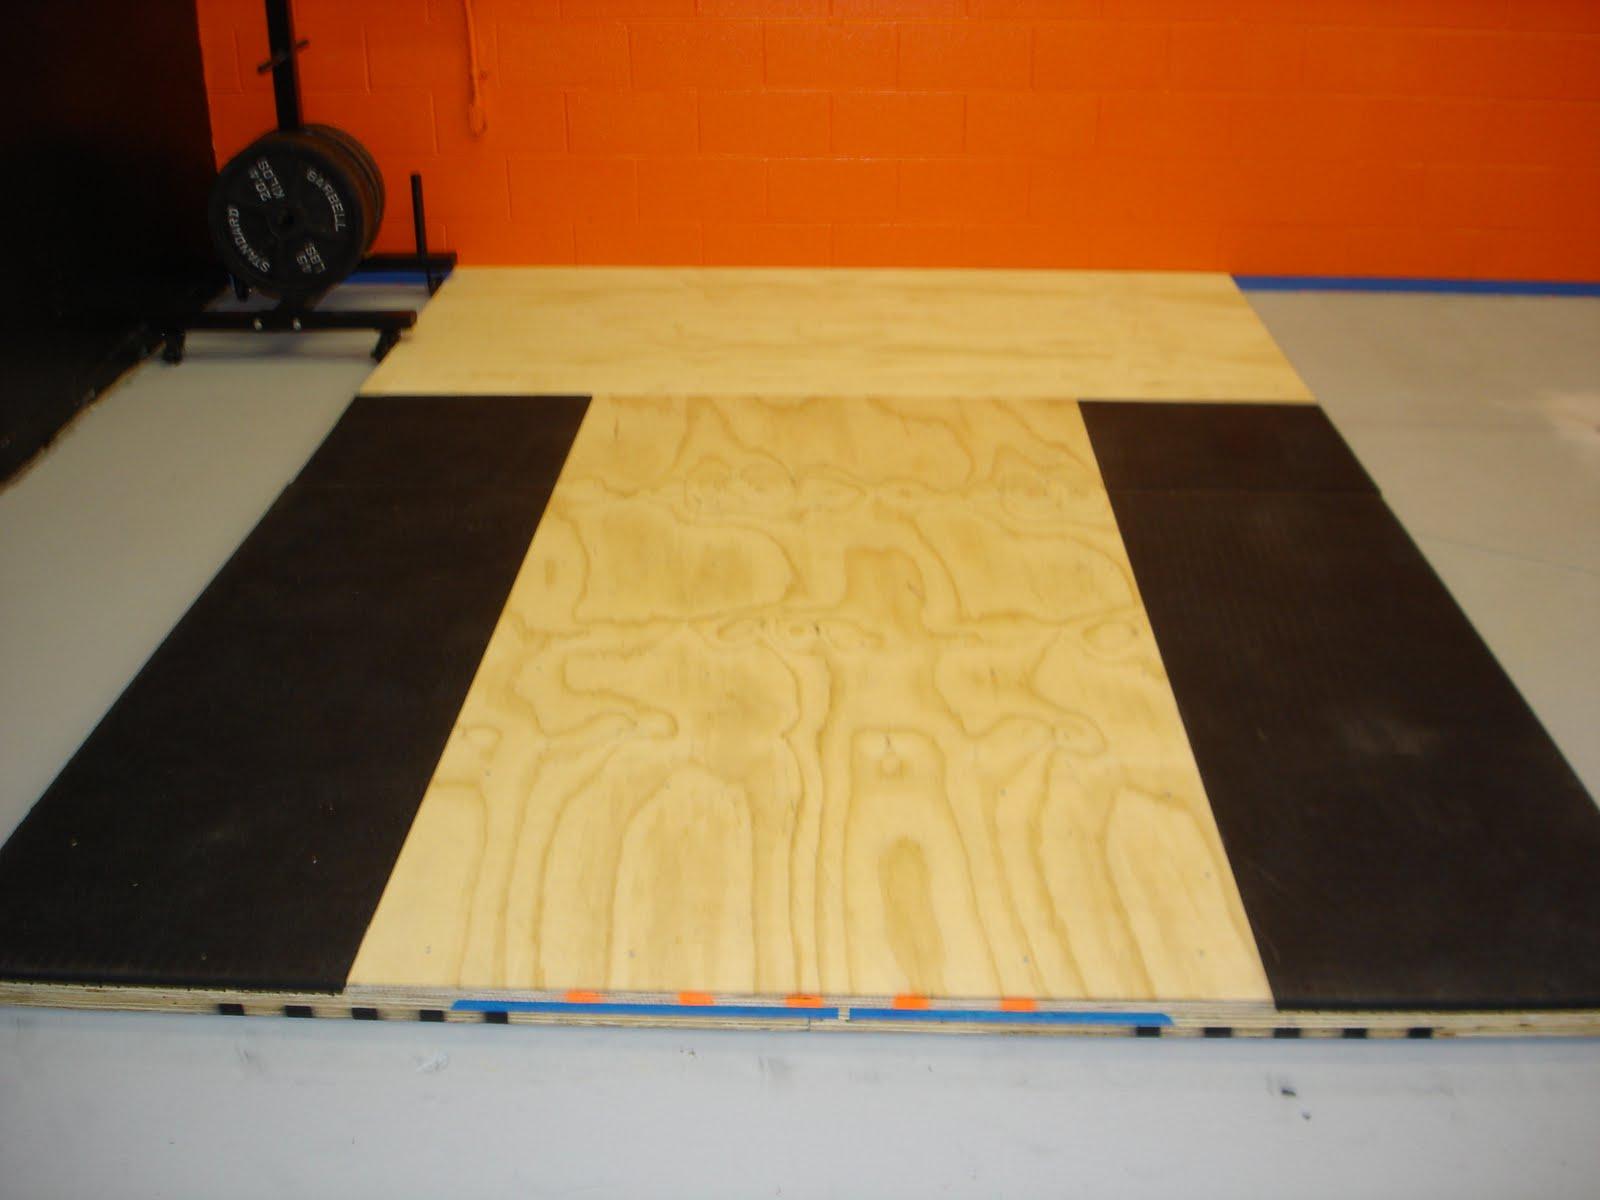 Homemade gym equipment stronger homemade gym equipment solutioingenieria Choice Image